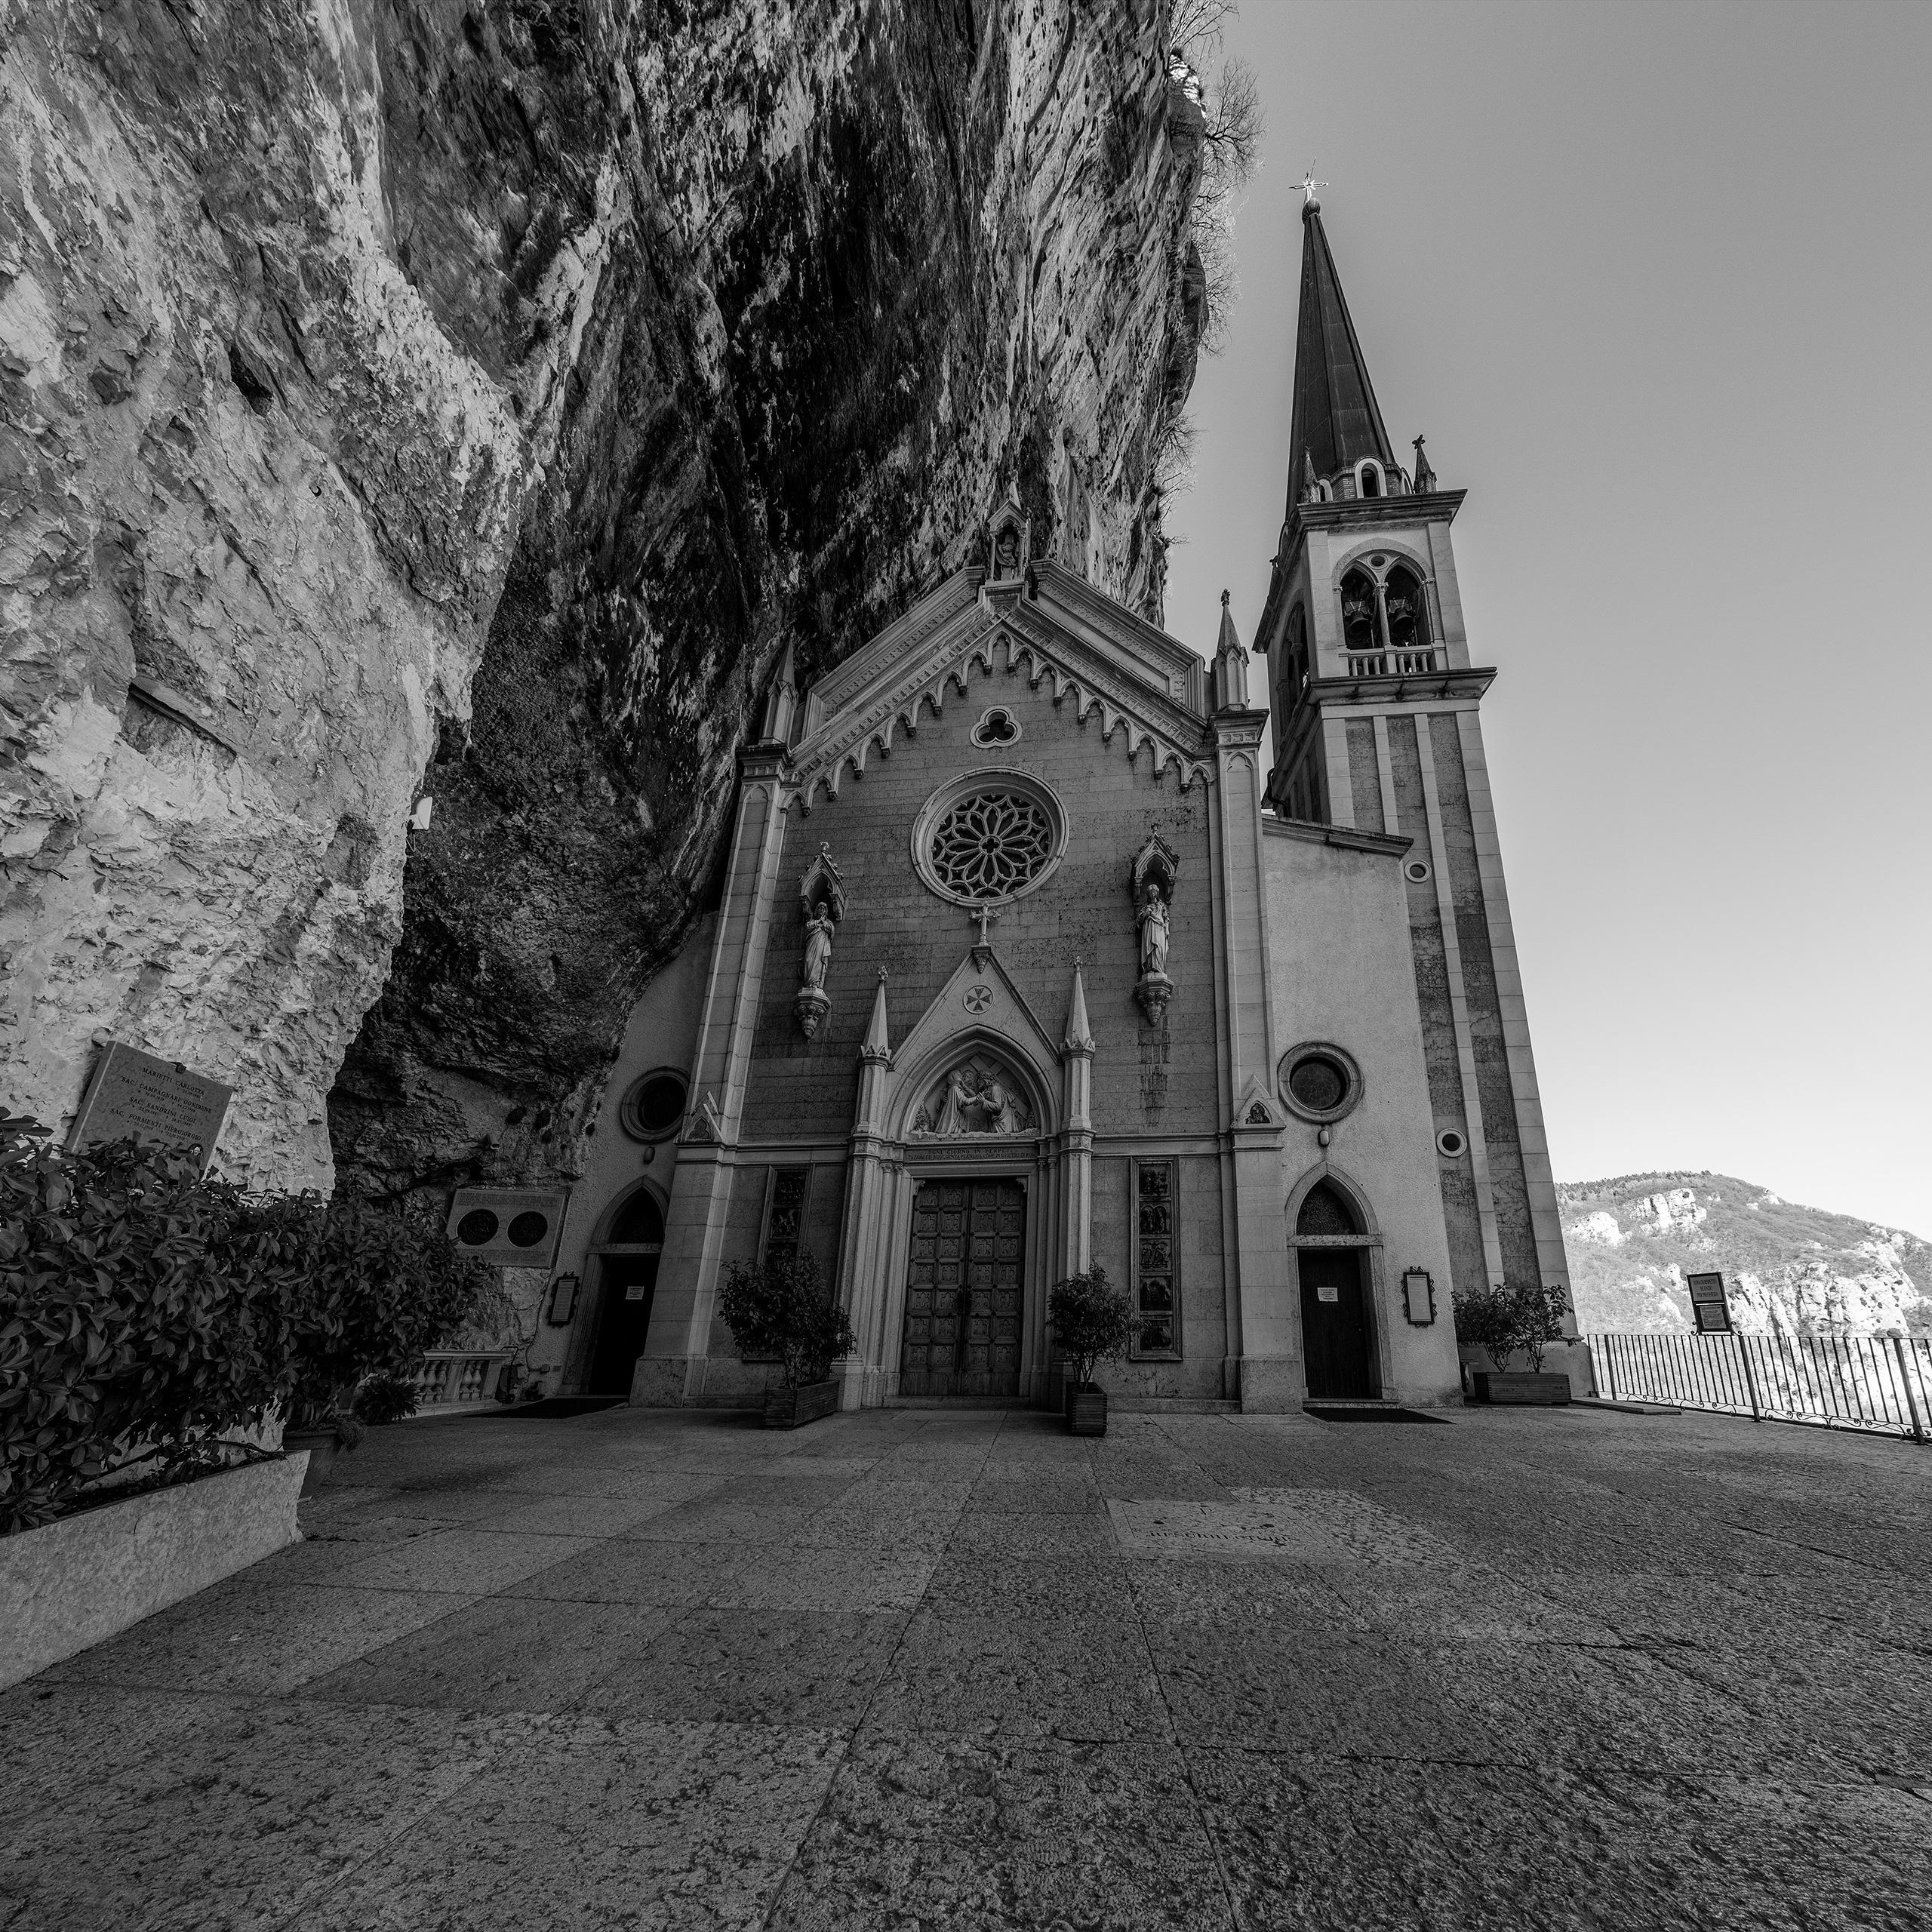 Santuario Madonna della Corona - christofkessemeier | ello